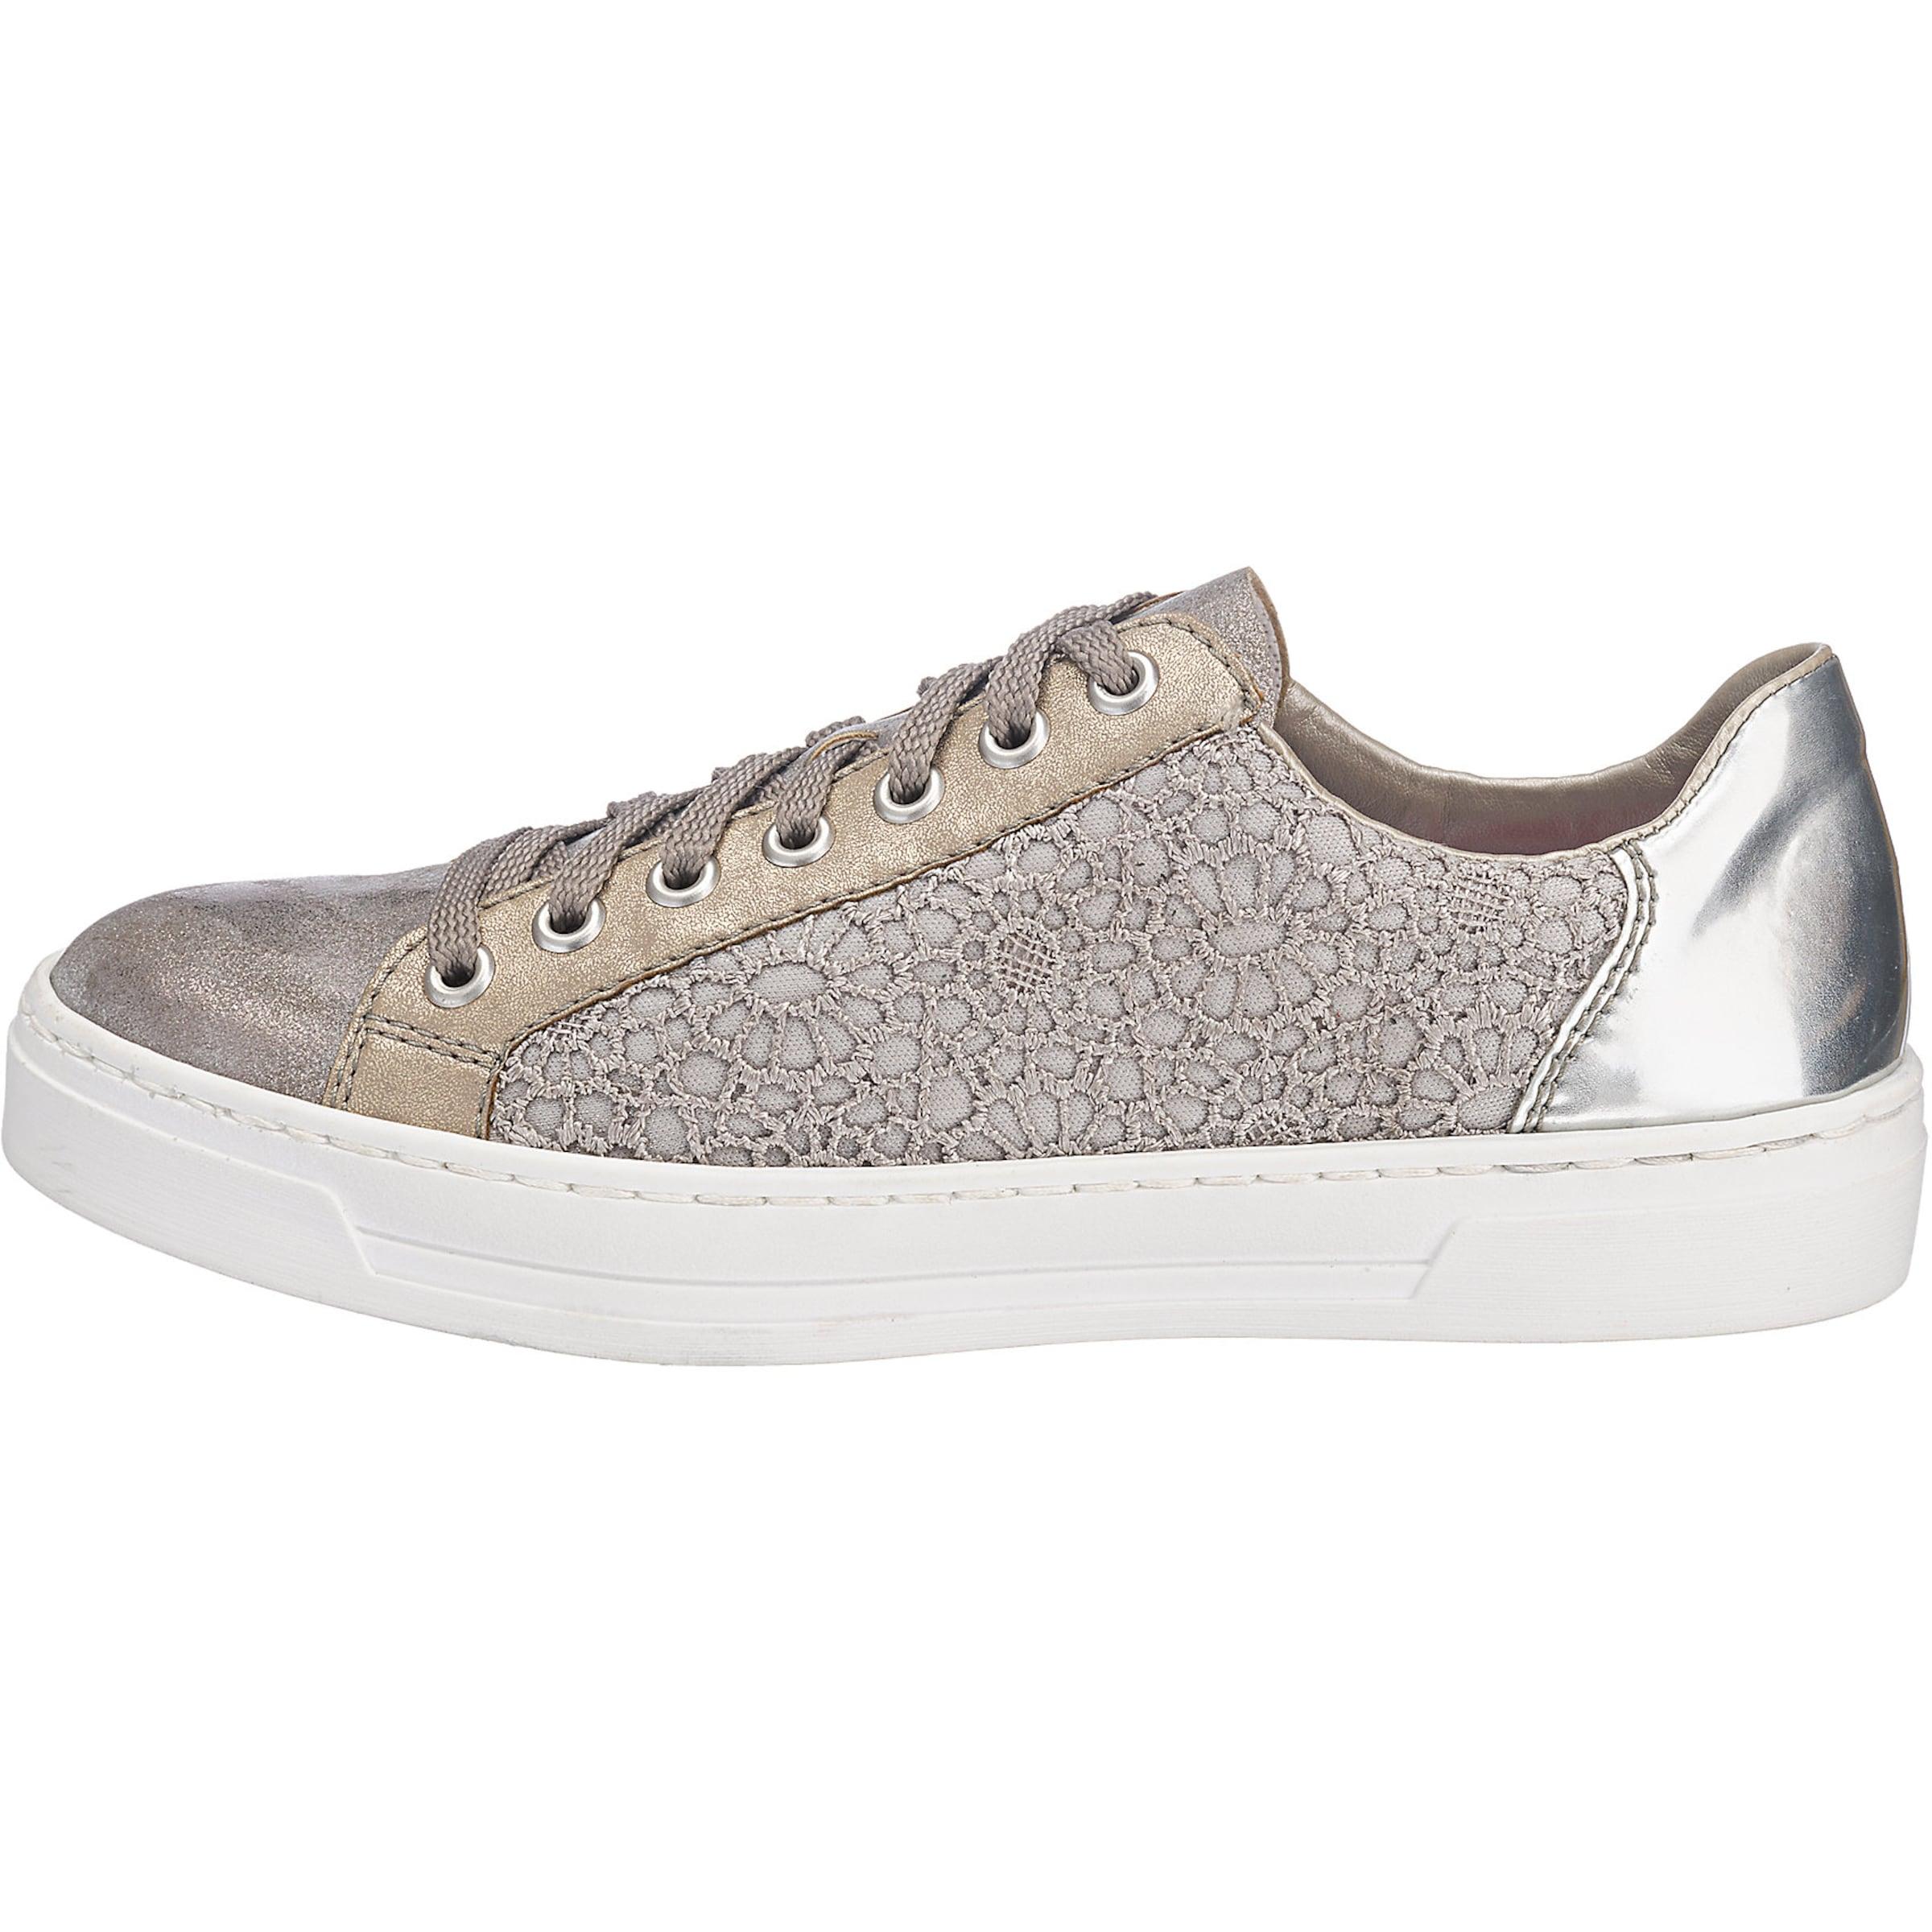 Große Auswahl An Günstig Preis-Kosten RIEKER Sneakers Billig Verkauf Wirklich Angebot Billig Authentisch 89aLvFFT8